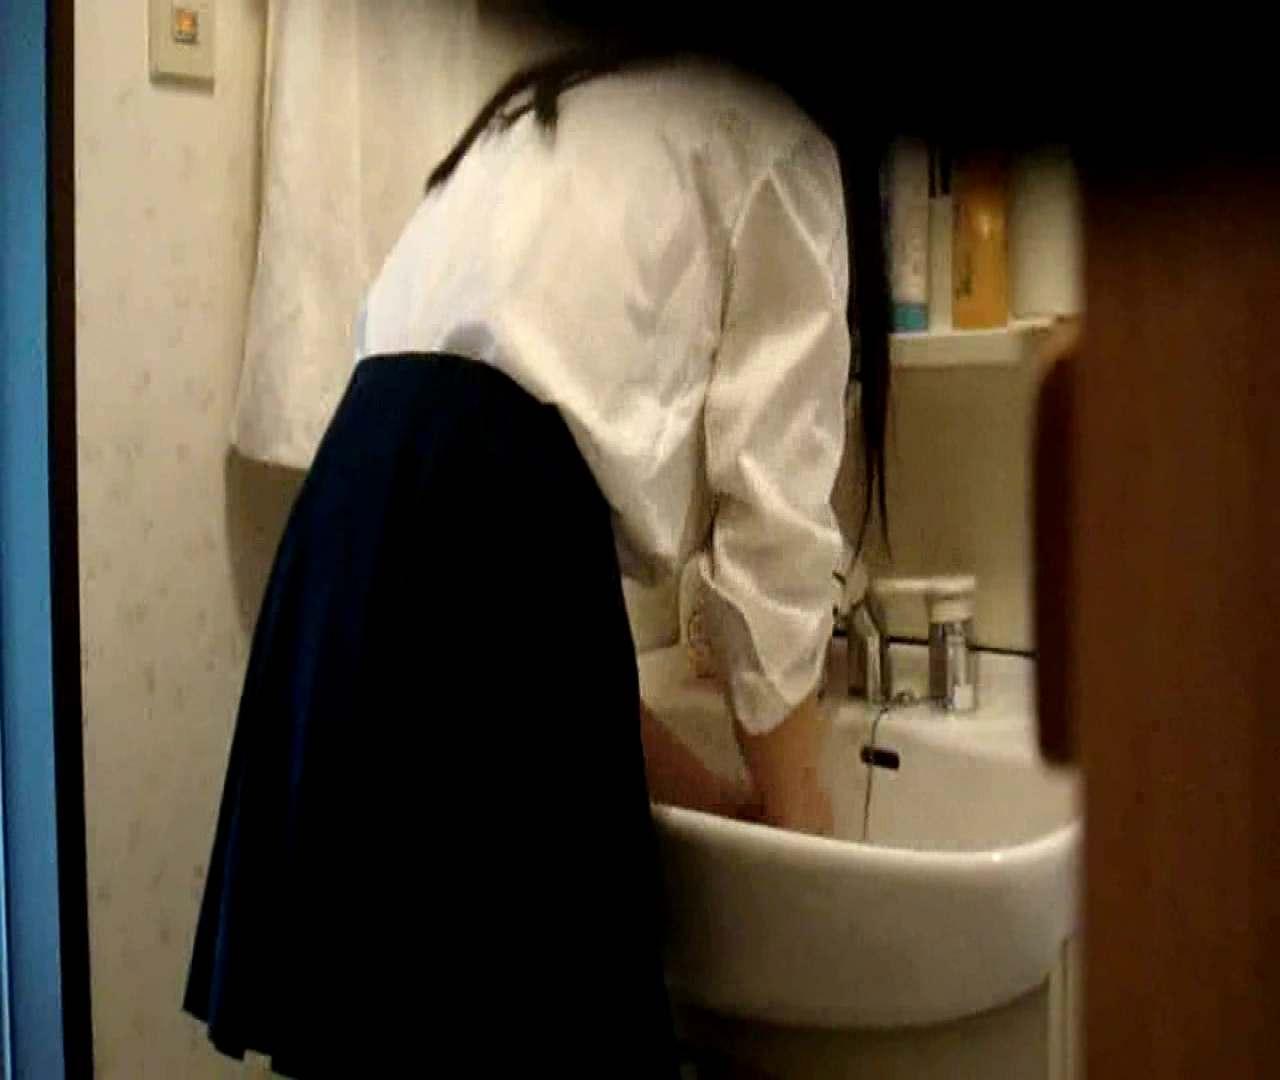 二人とも育てた甲斐がありました… vol.05 まどかが洗顔後にブラを洗濯 HなOL | 0  98pic 10